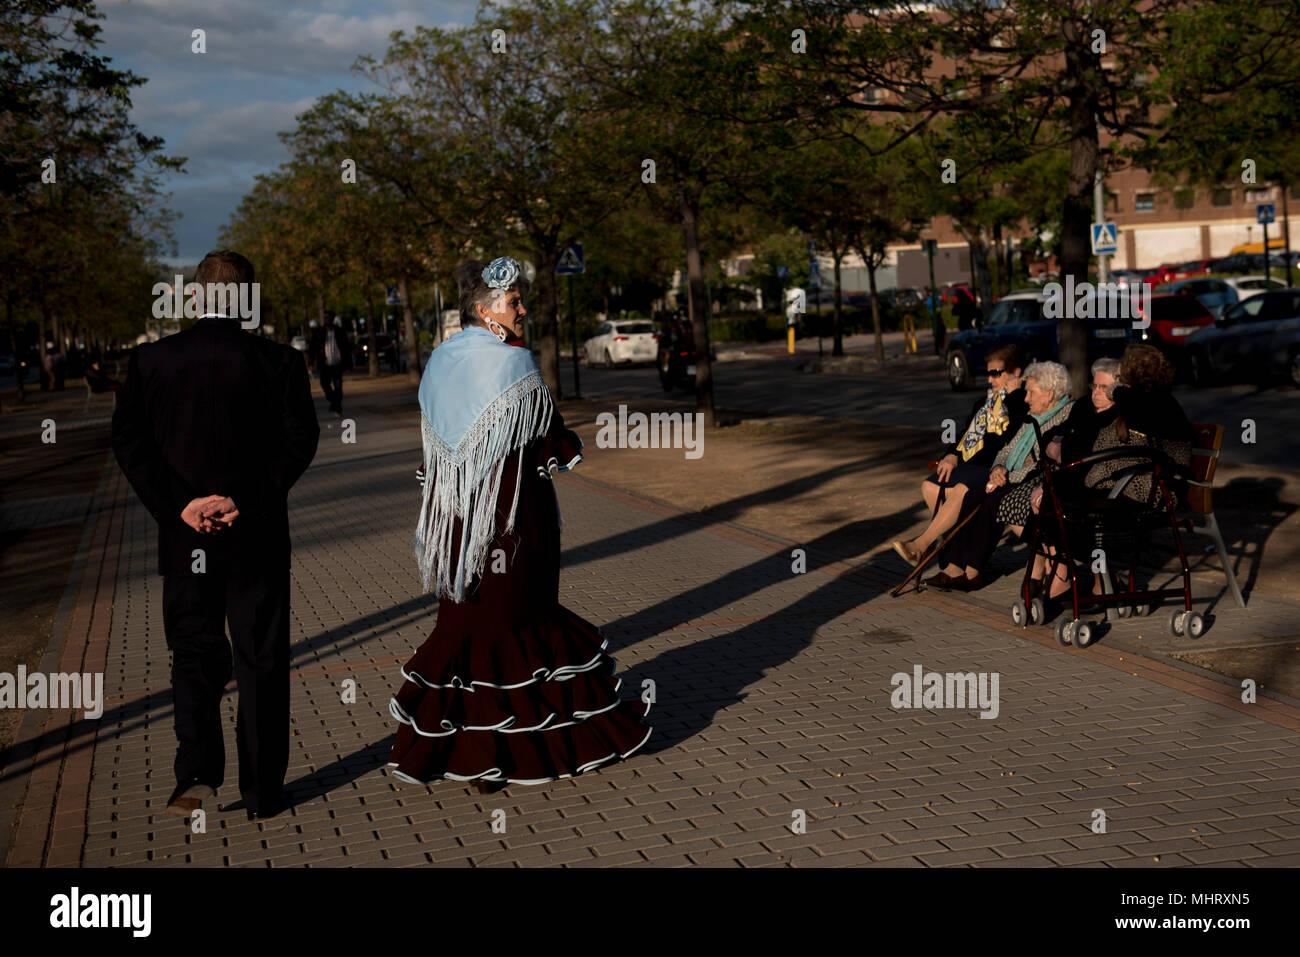 Una Mujer Vistiendo Traje De Flamenca Típico Visto Caminando